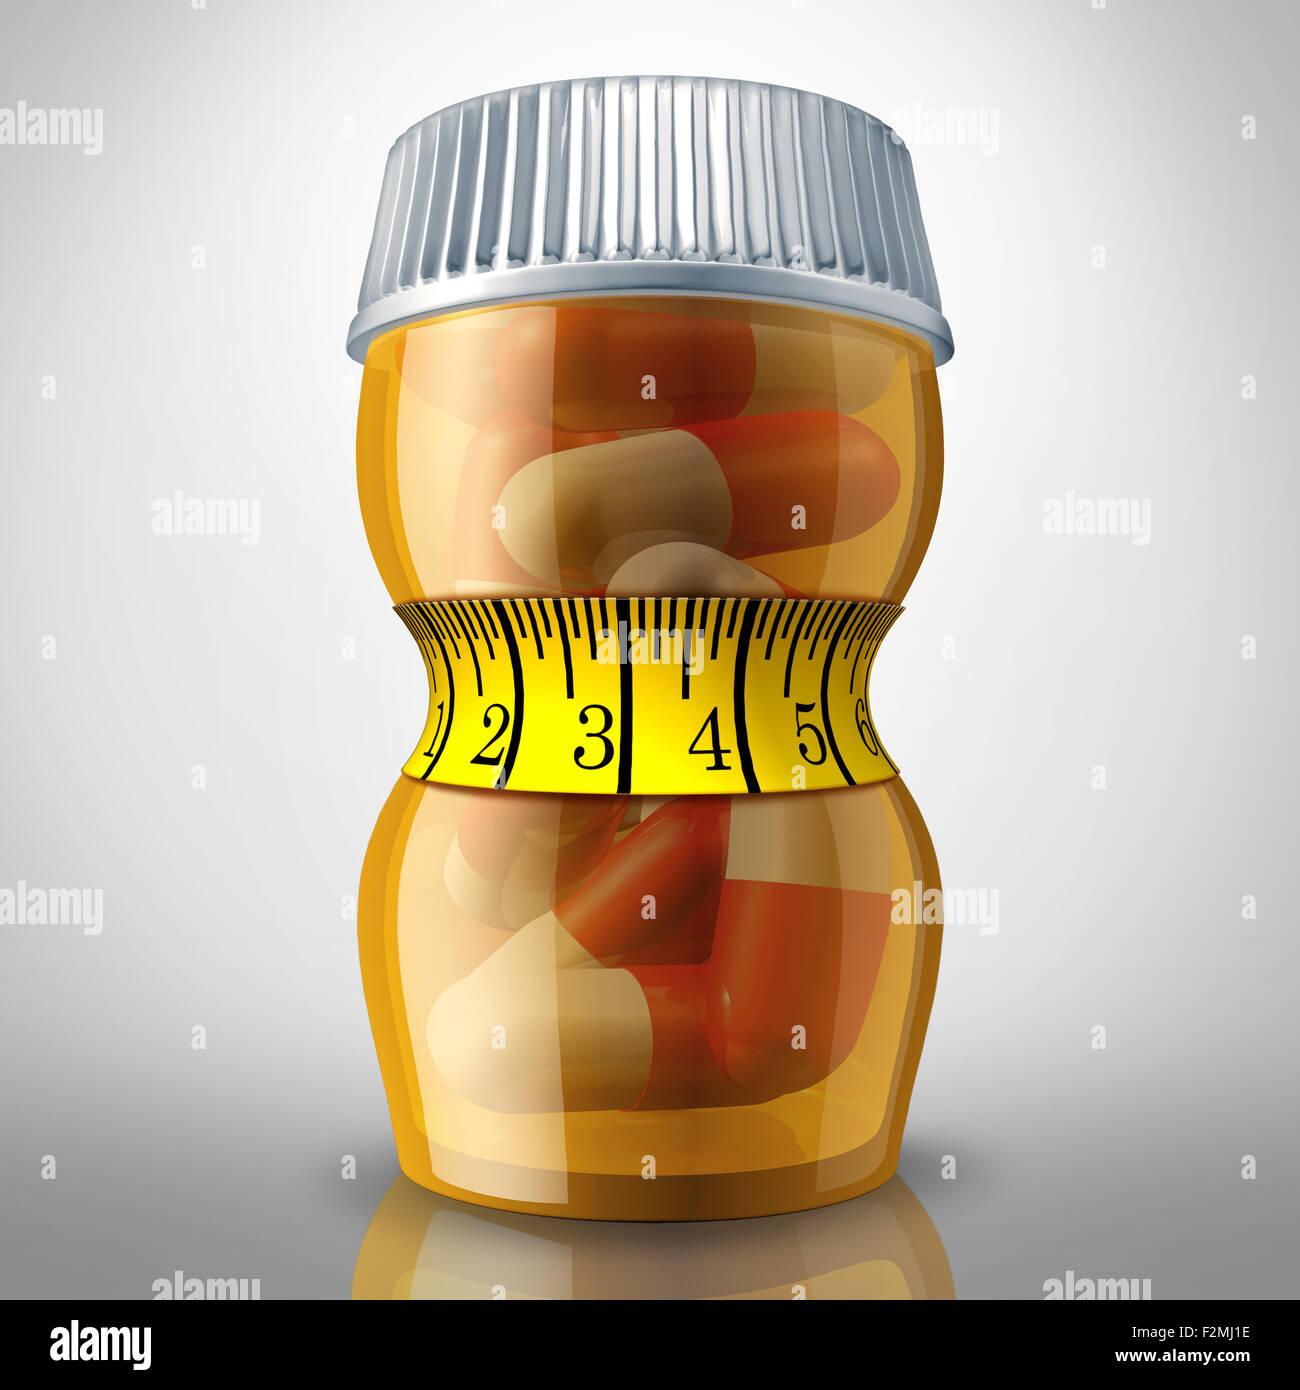 Pillole di dieta e di soppressione di appetito medicazione come una prescrizione flacone di farmaco schiacciata Immagini Stock